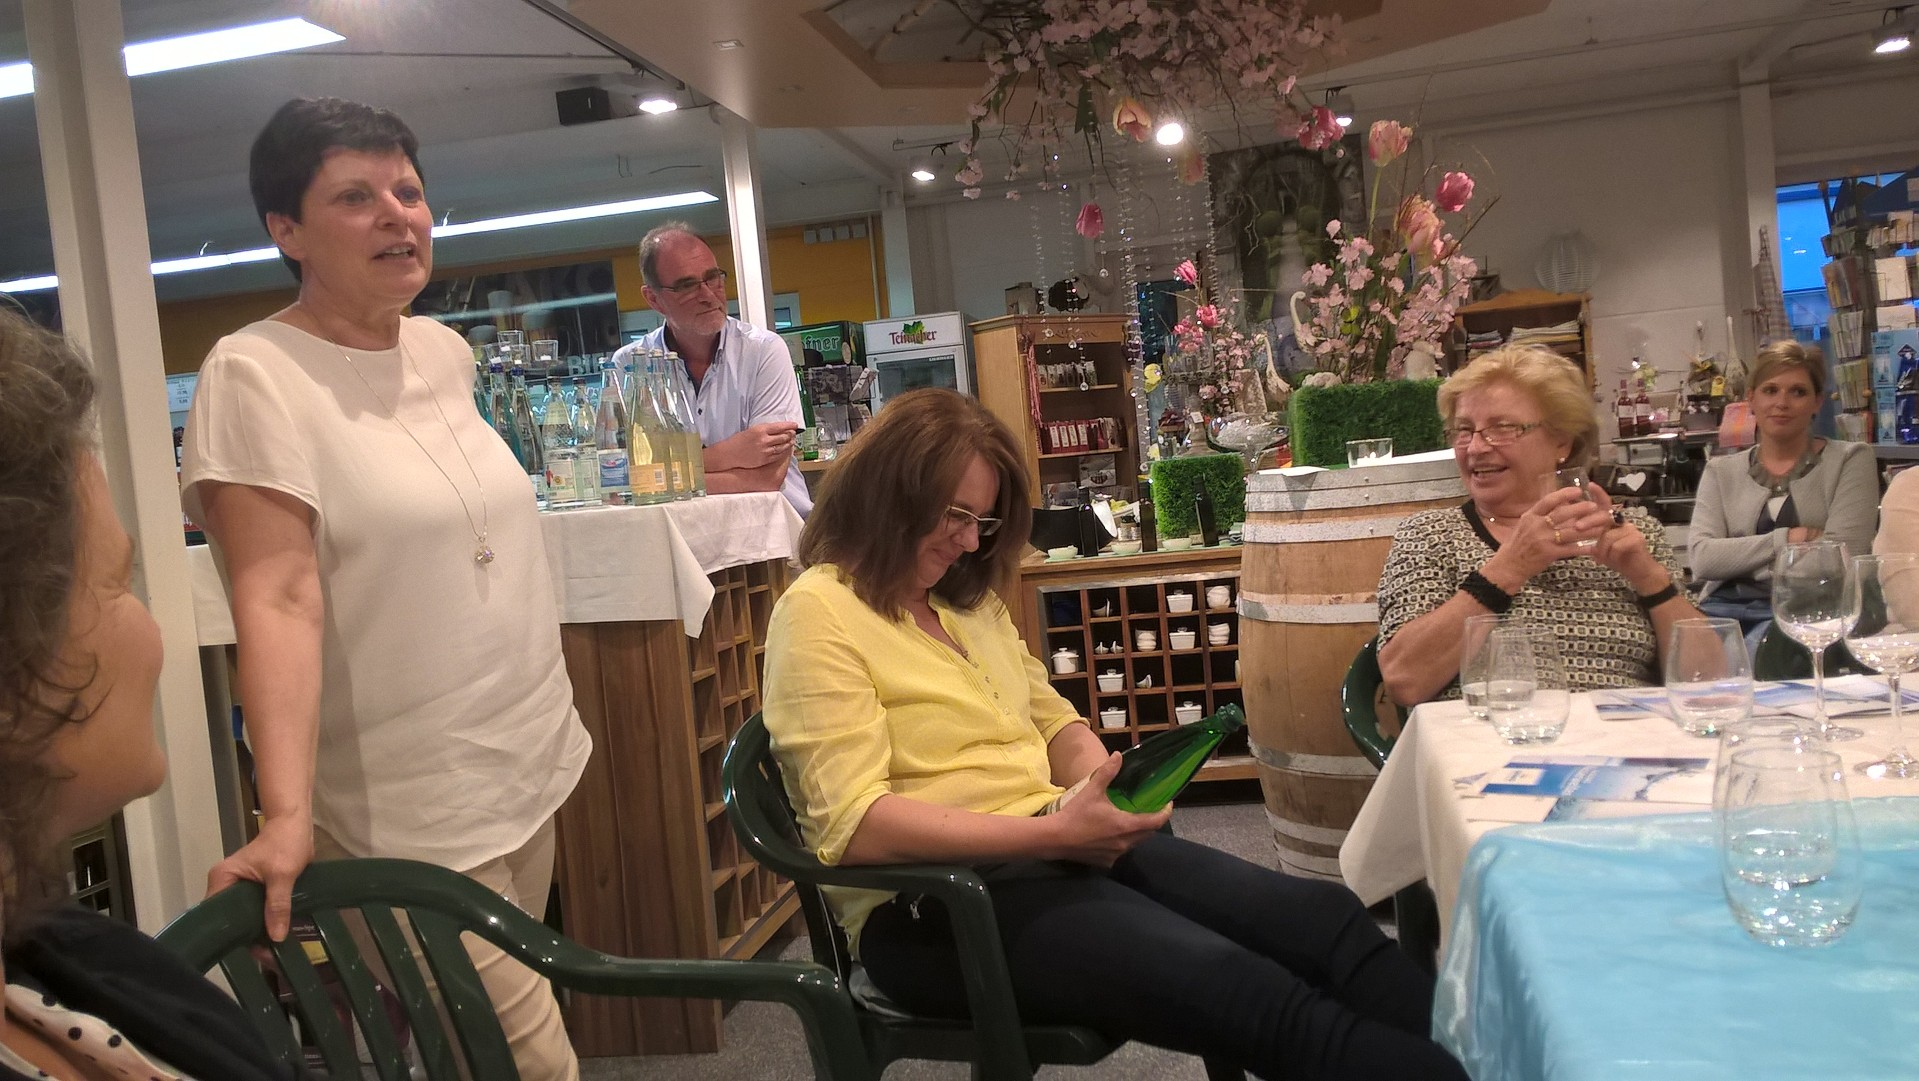 07-16 Waserseminar mit Ingrid Schäfer